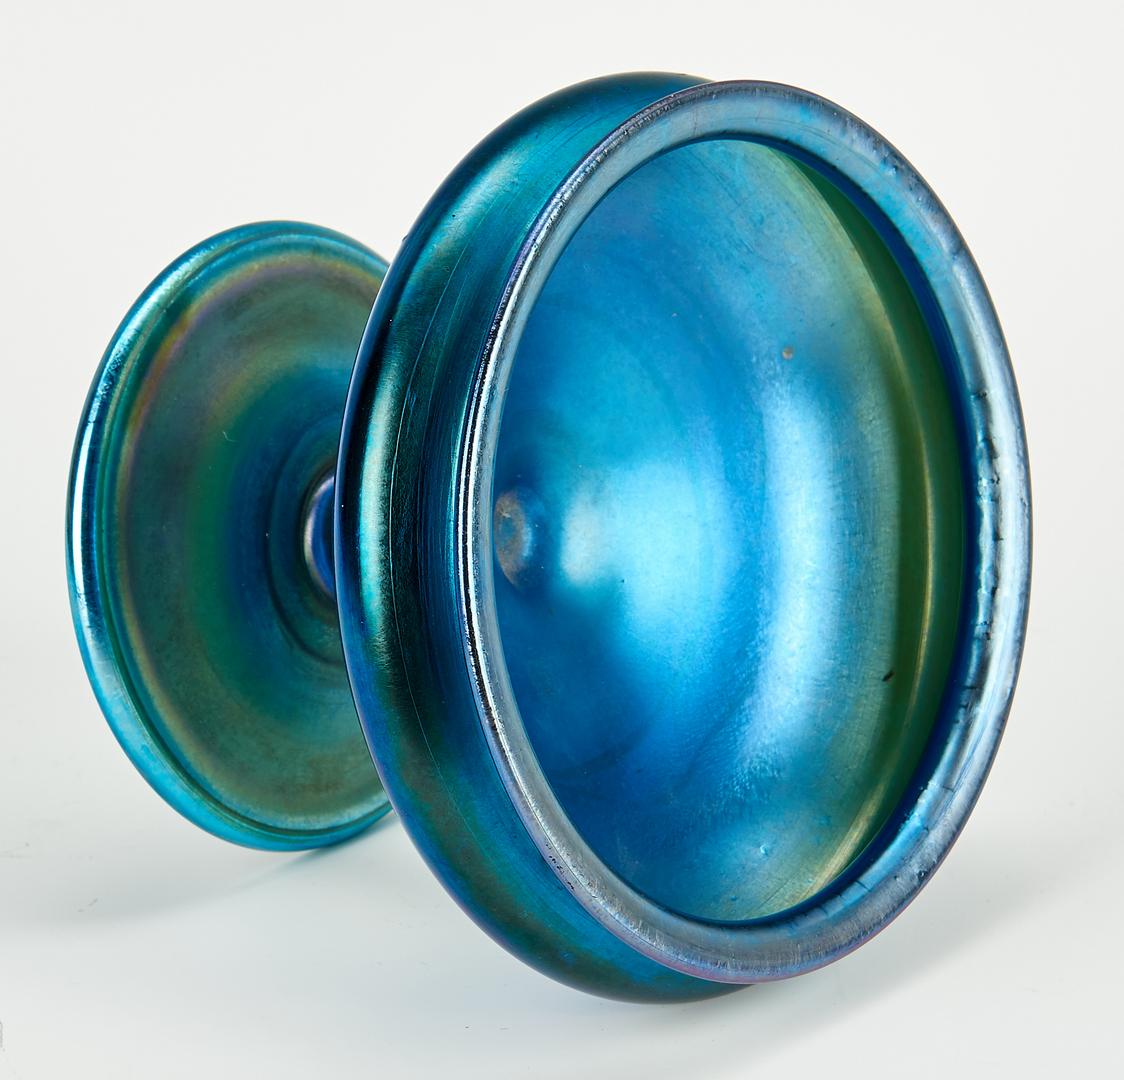 Lot 479: Tiffany Blue Favrile Compote